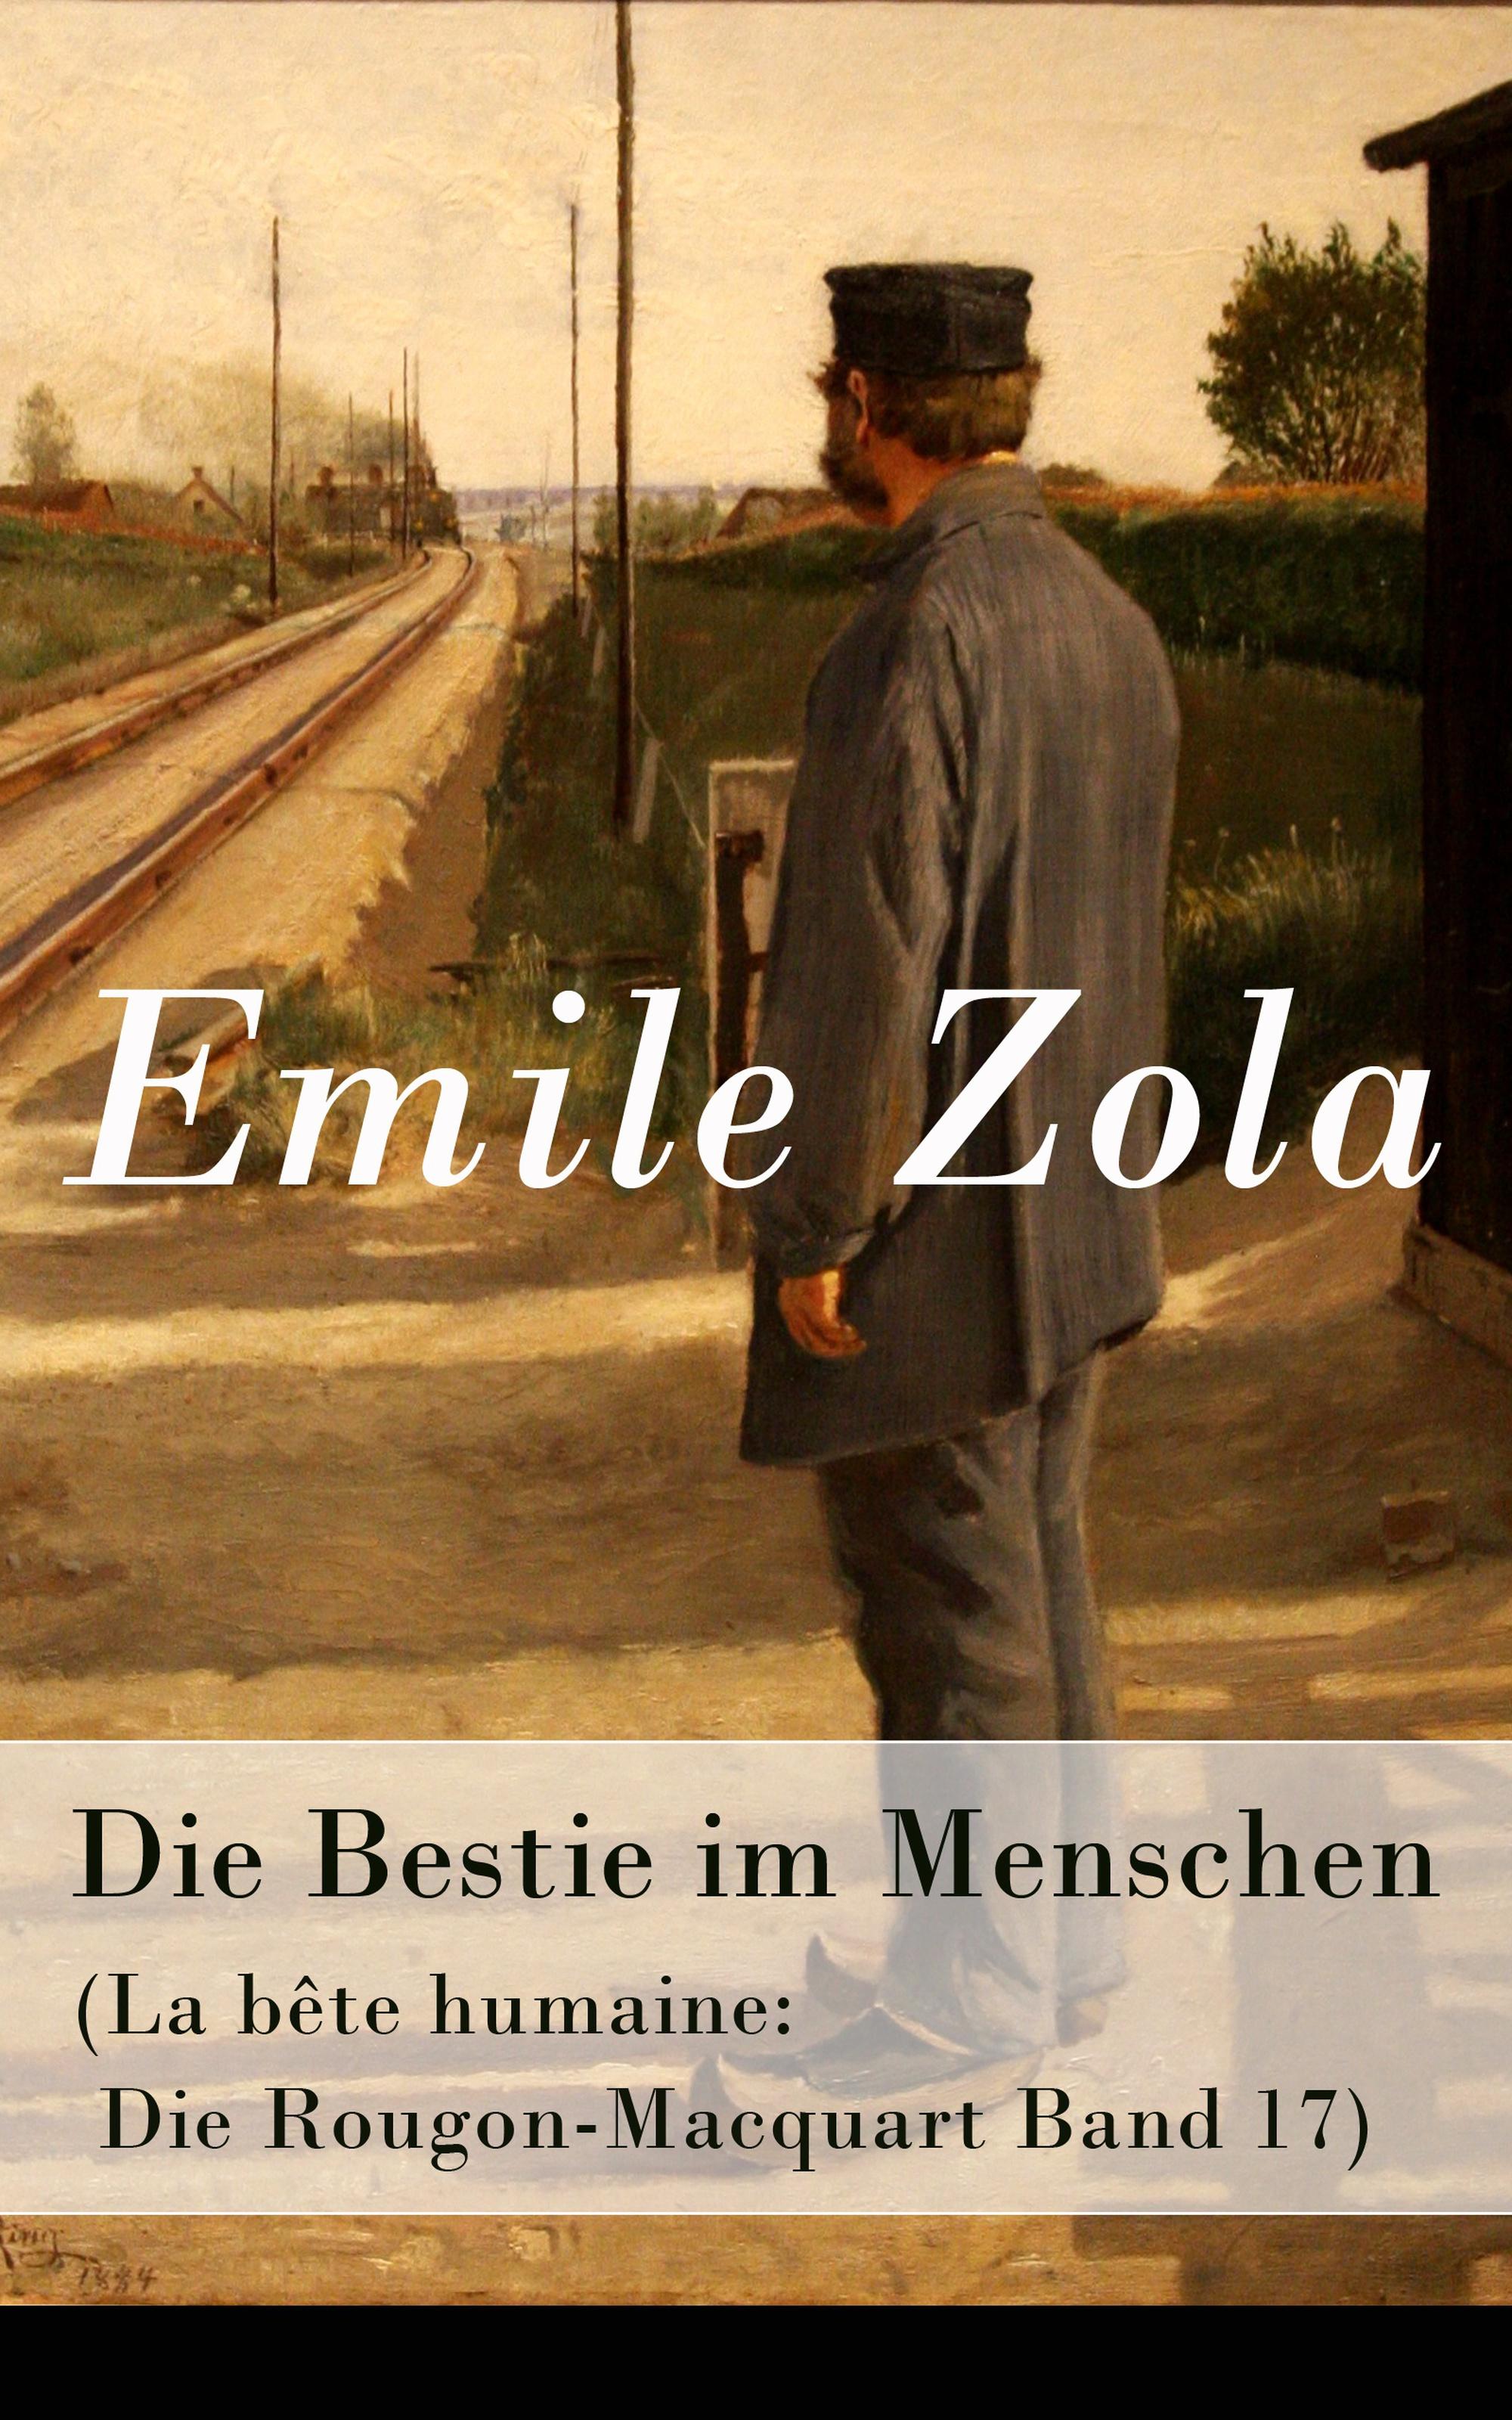 Emile Zola Die Bestie im Menschen (La bête humaine: Die Rougon-Macquart Band 17) william howes geheime krafte im menschen